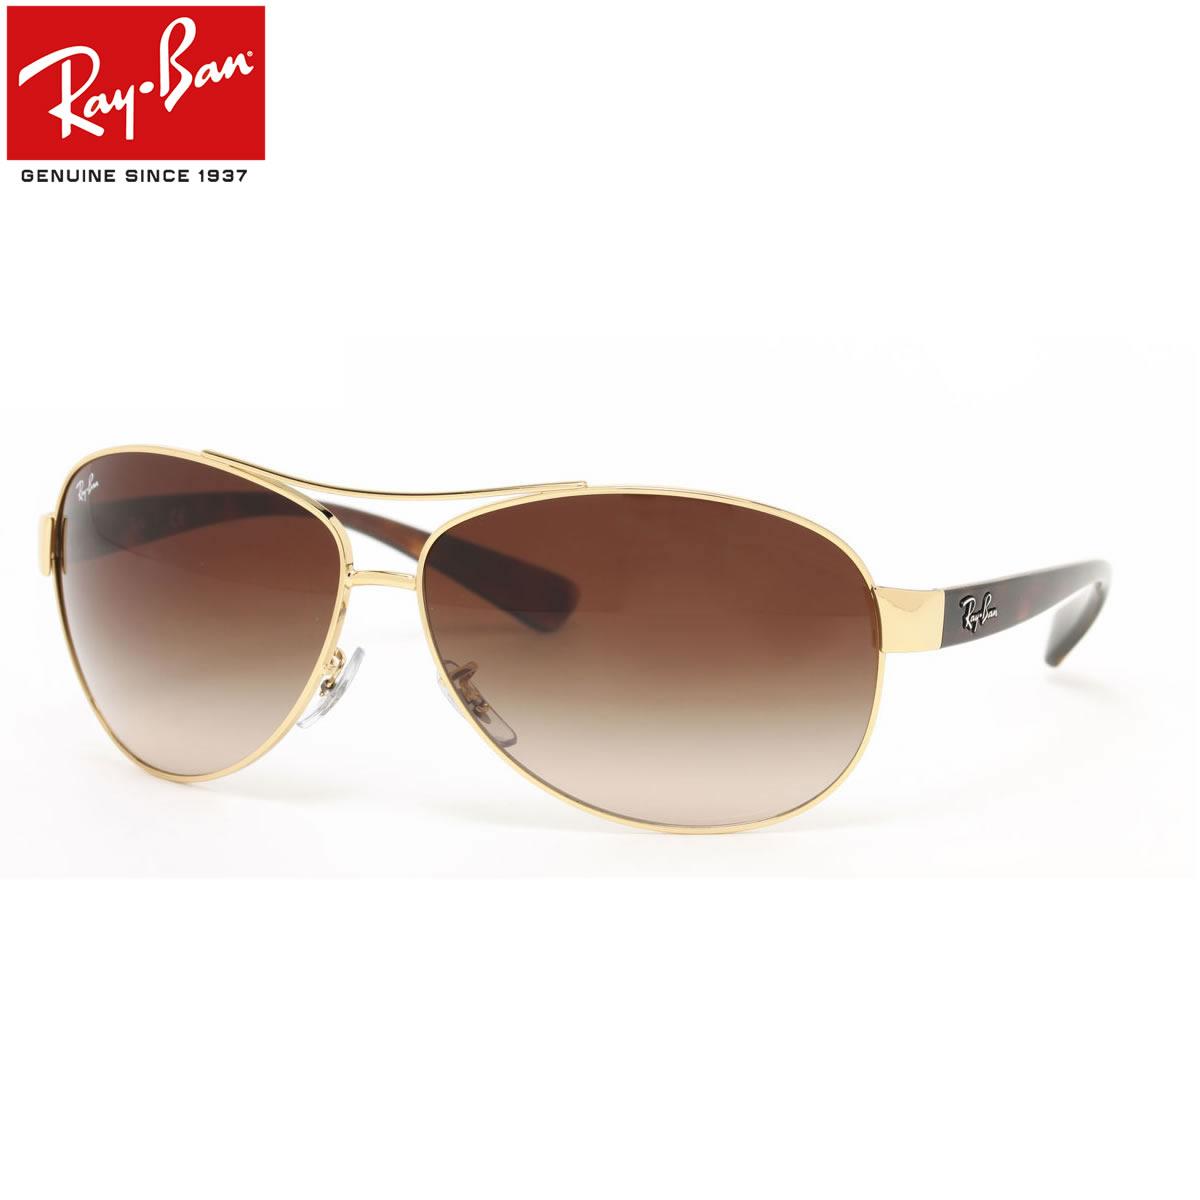 【Ray-Ban】(レイバン) サングラス RB3386 001/13 67サイズ レイバ…...:thats:10007536